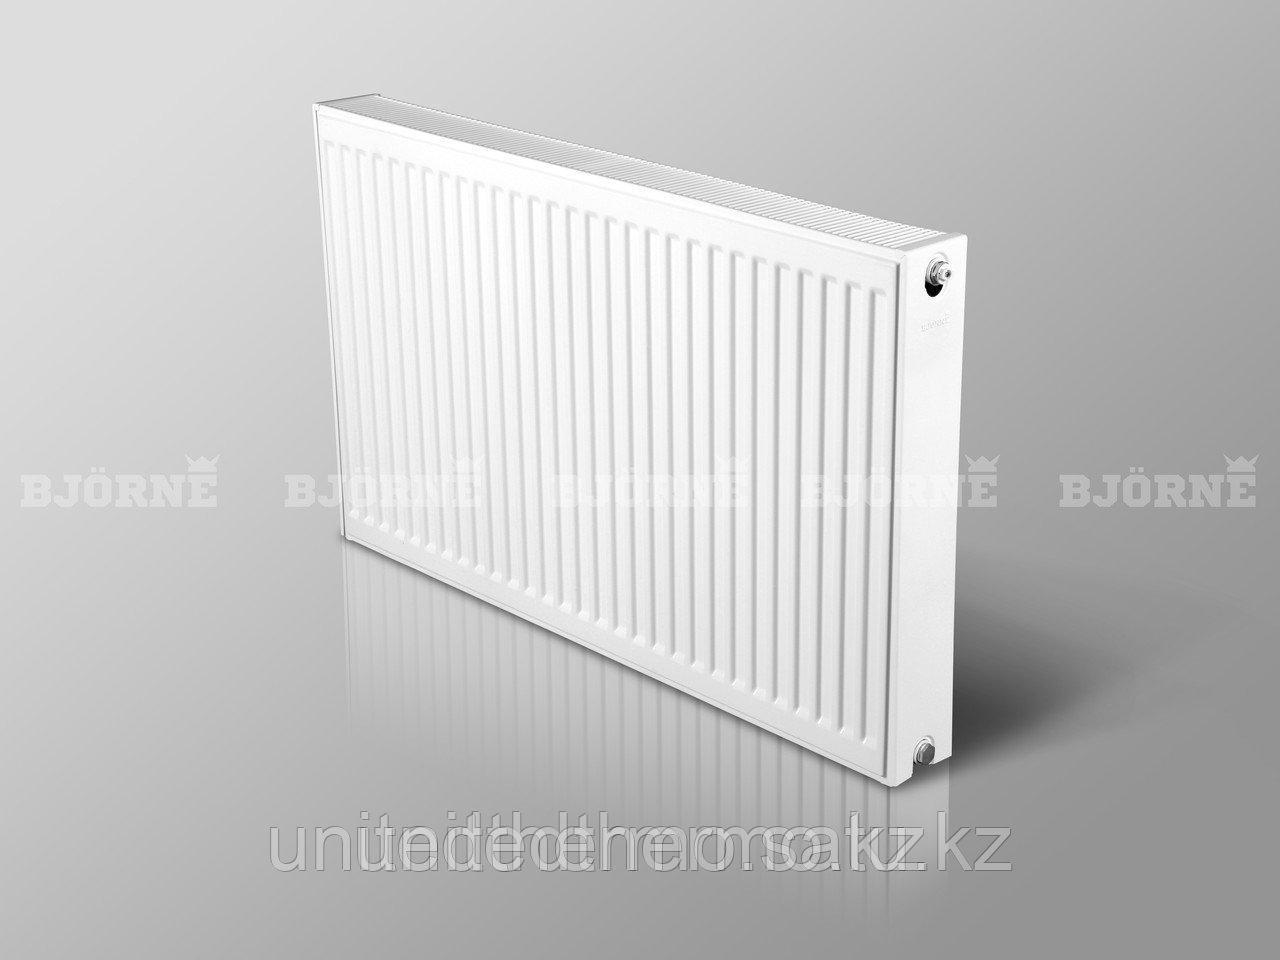 Стальной панельный радиатор Bjorne тип 22K H300мм*L1100мм боковое подключение